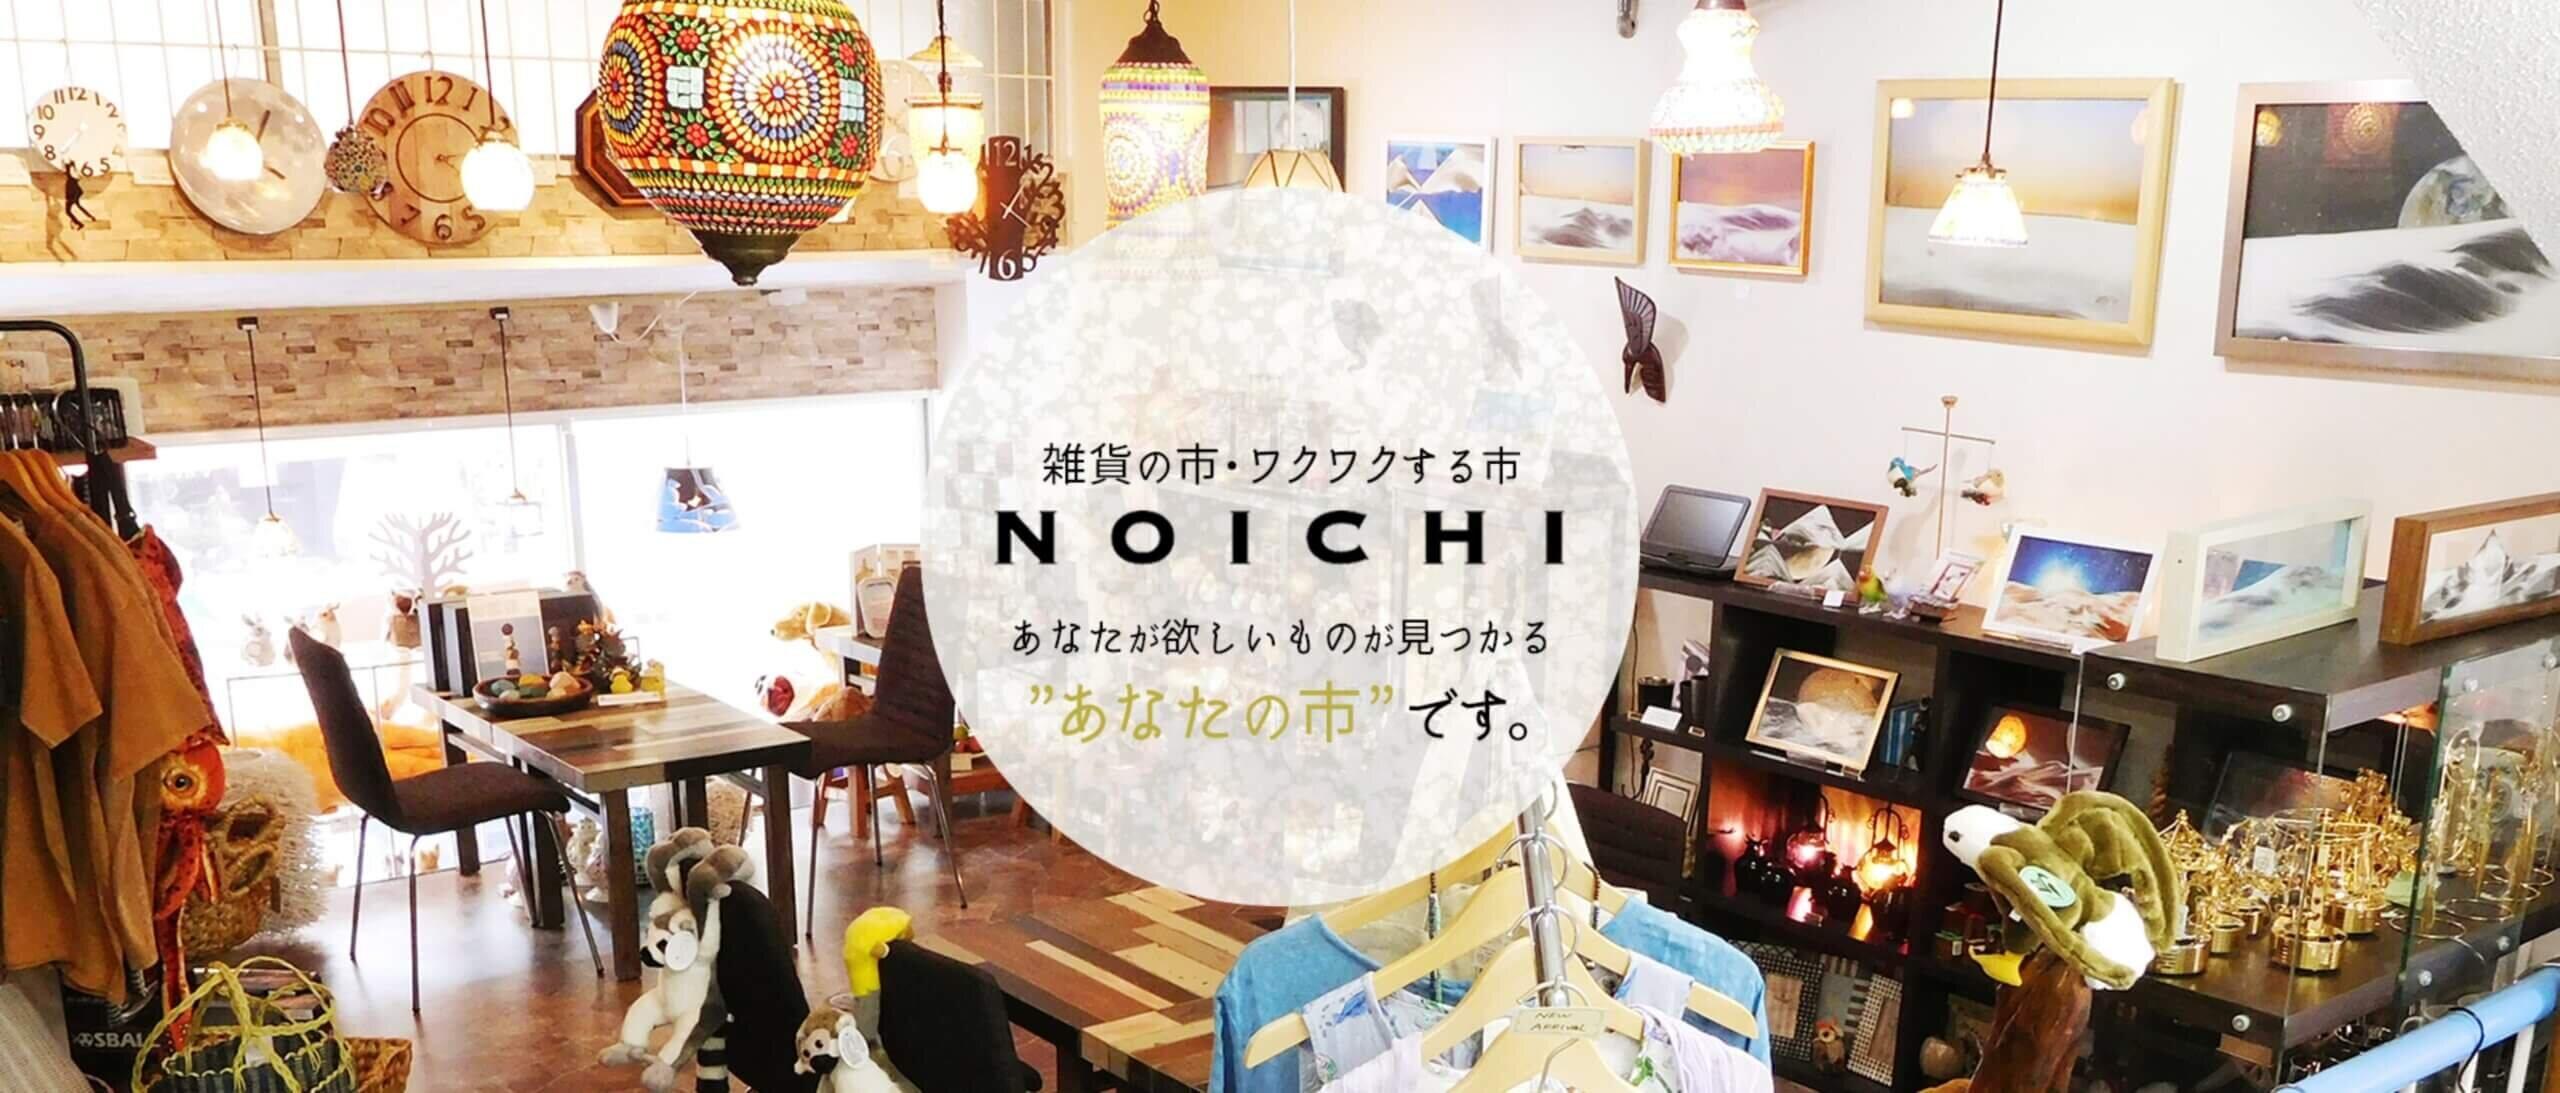 雑貨店Noichi(ノイチ) 徳山駅前店・山口井筒屋店の運営を行う 有限会社溝上企画の公式ホームページです。